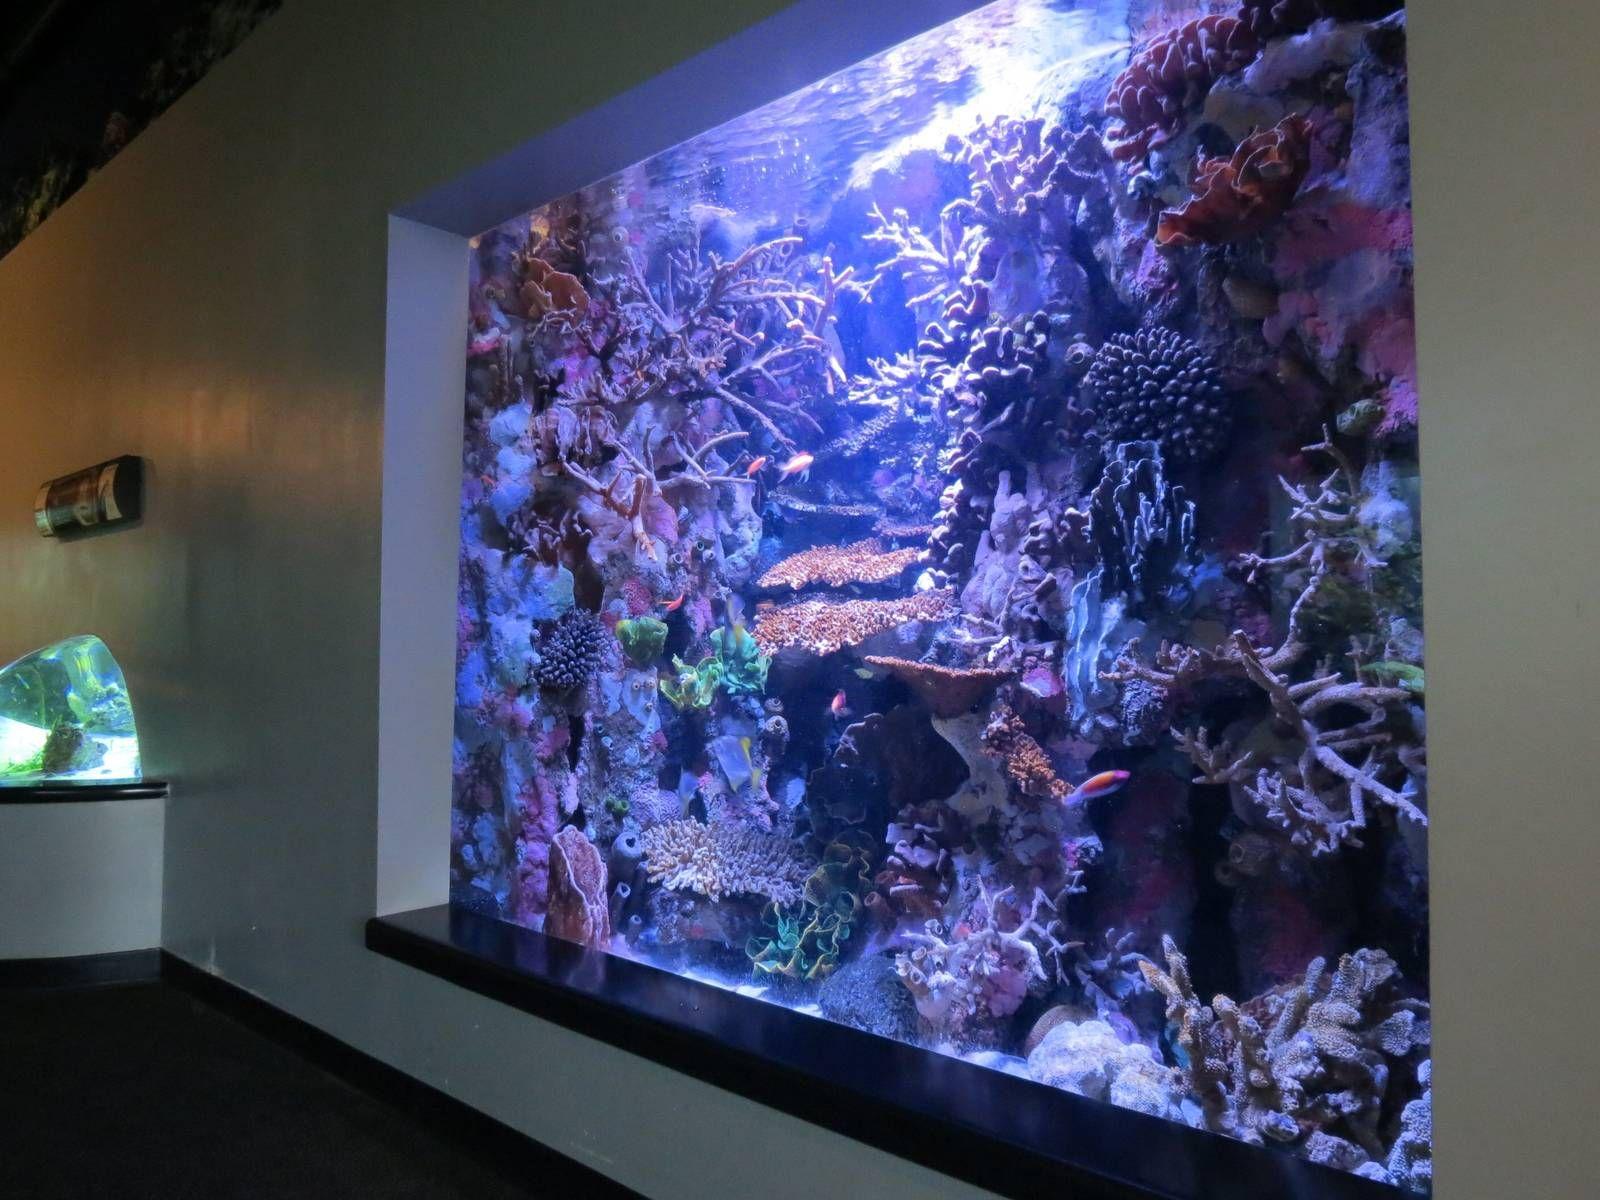 67cee629f6682c9db128194ae533689f Frais De Fabriquer Aquarium Concept